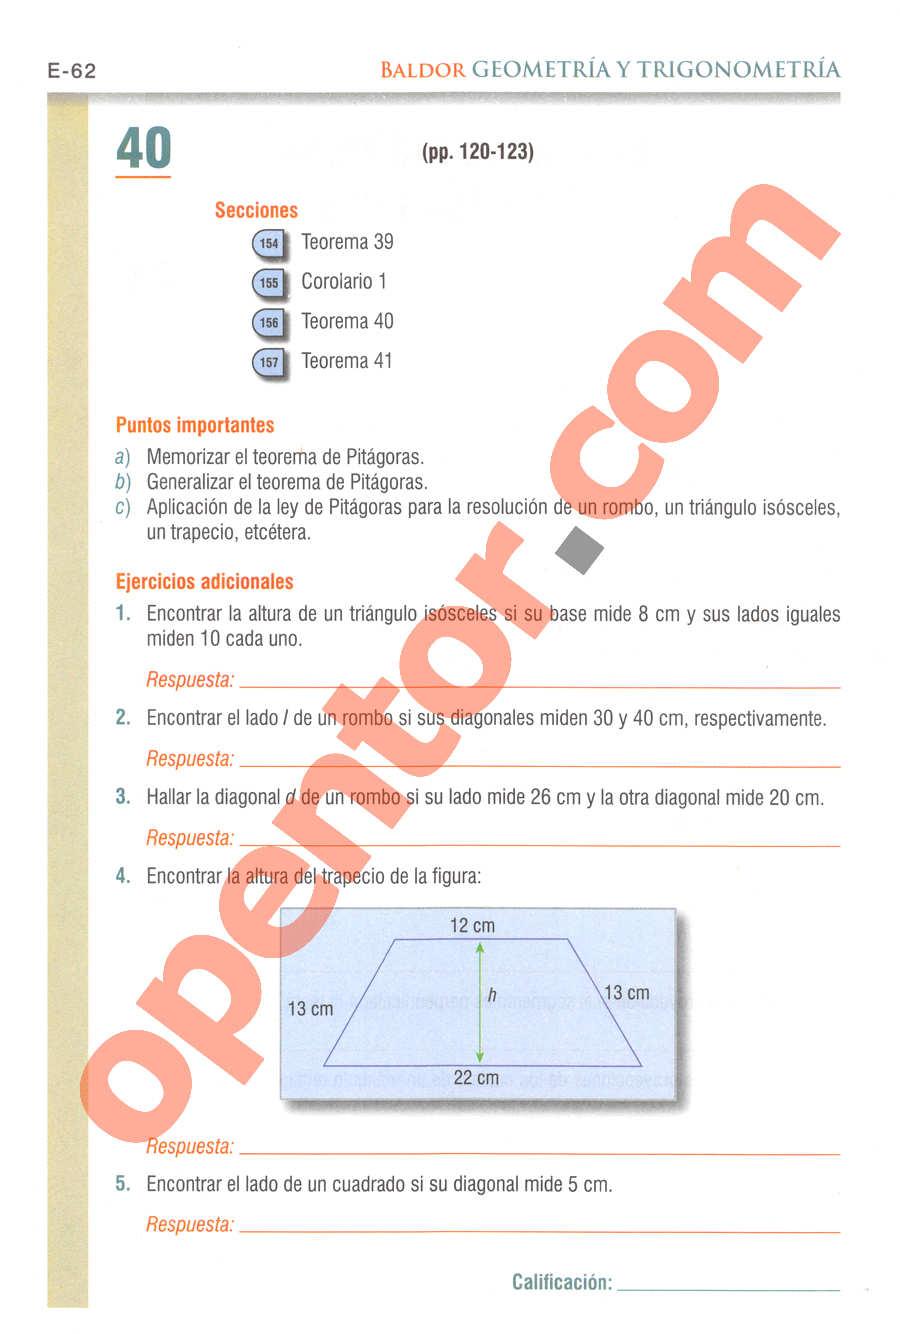 Geometría y Trigonometría de Baldor - Página E62